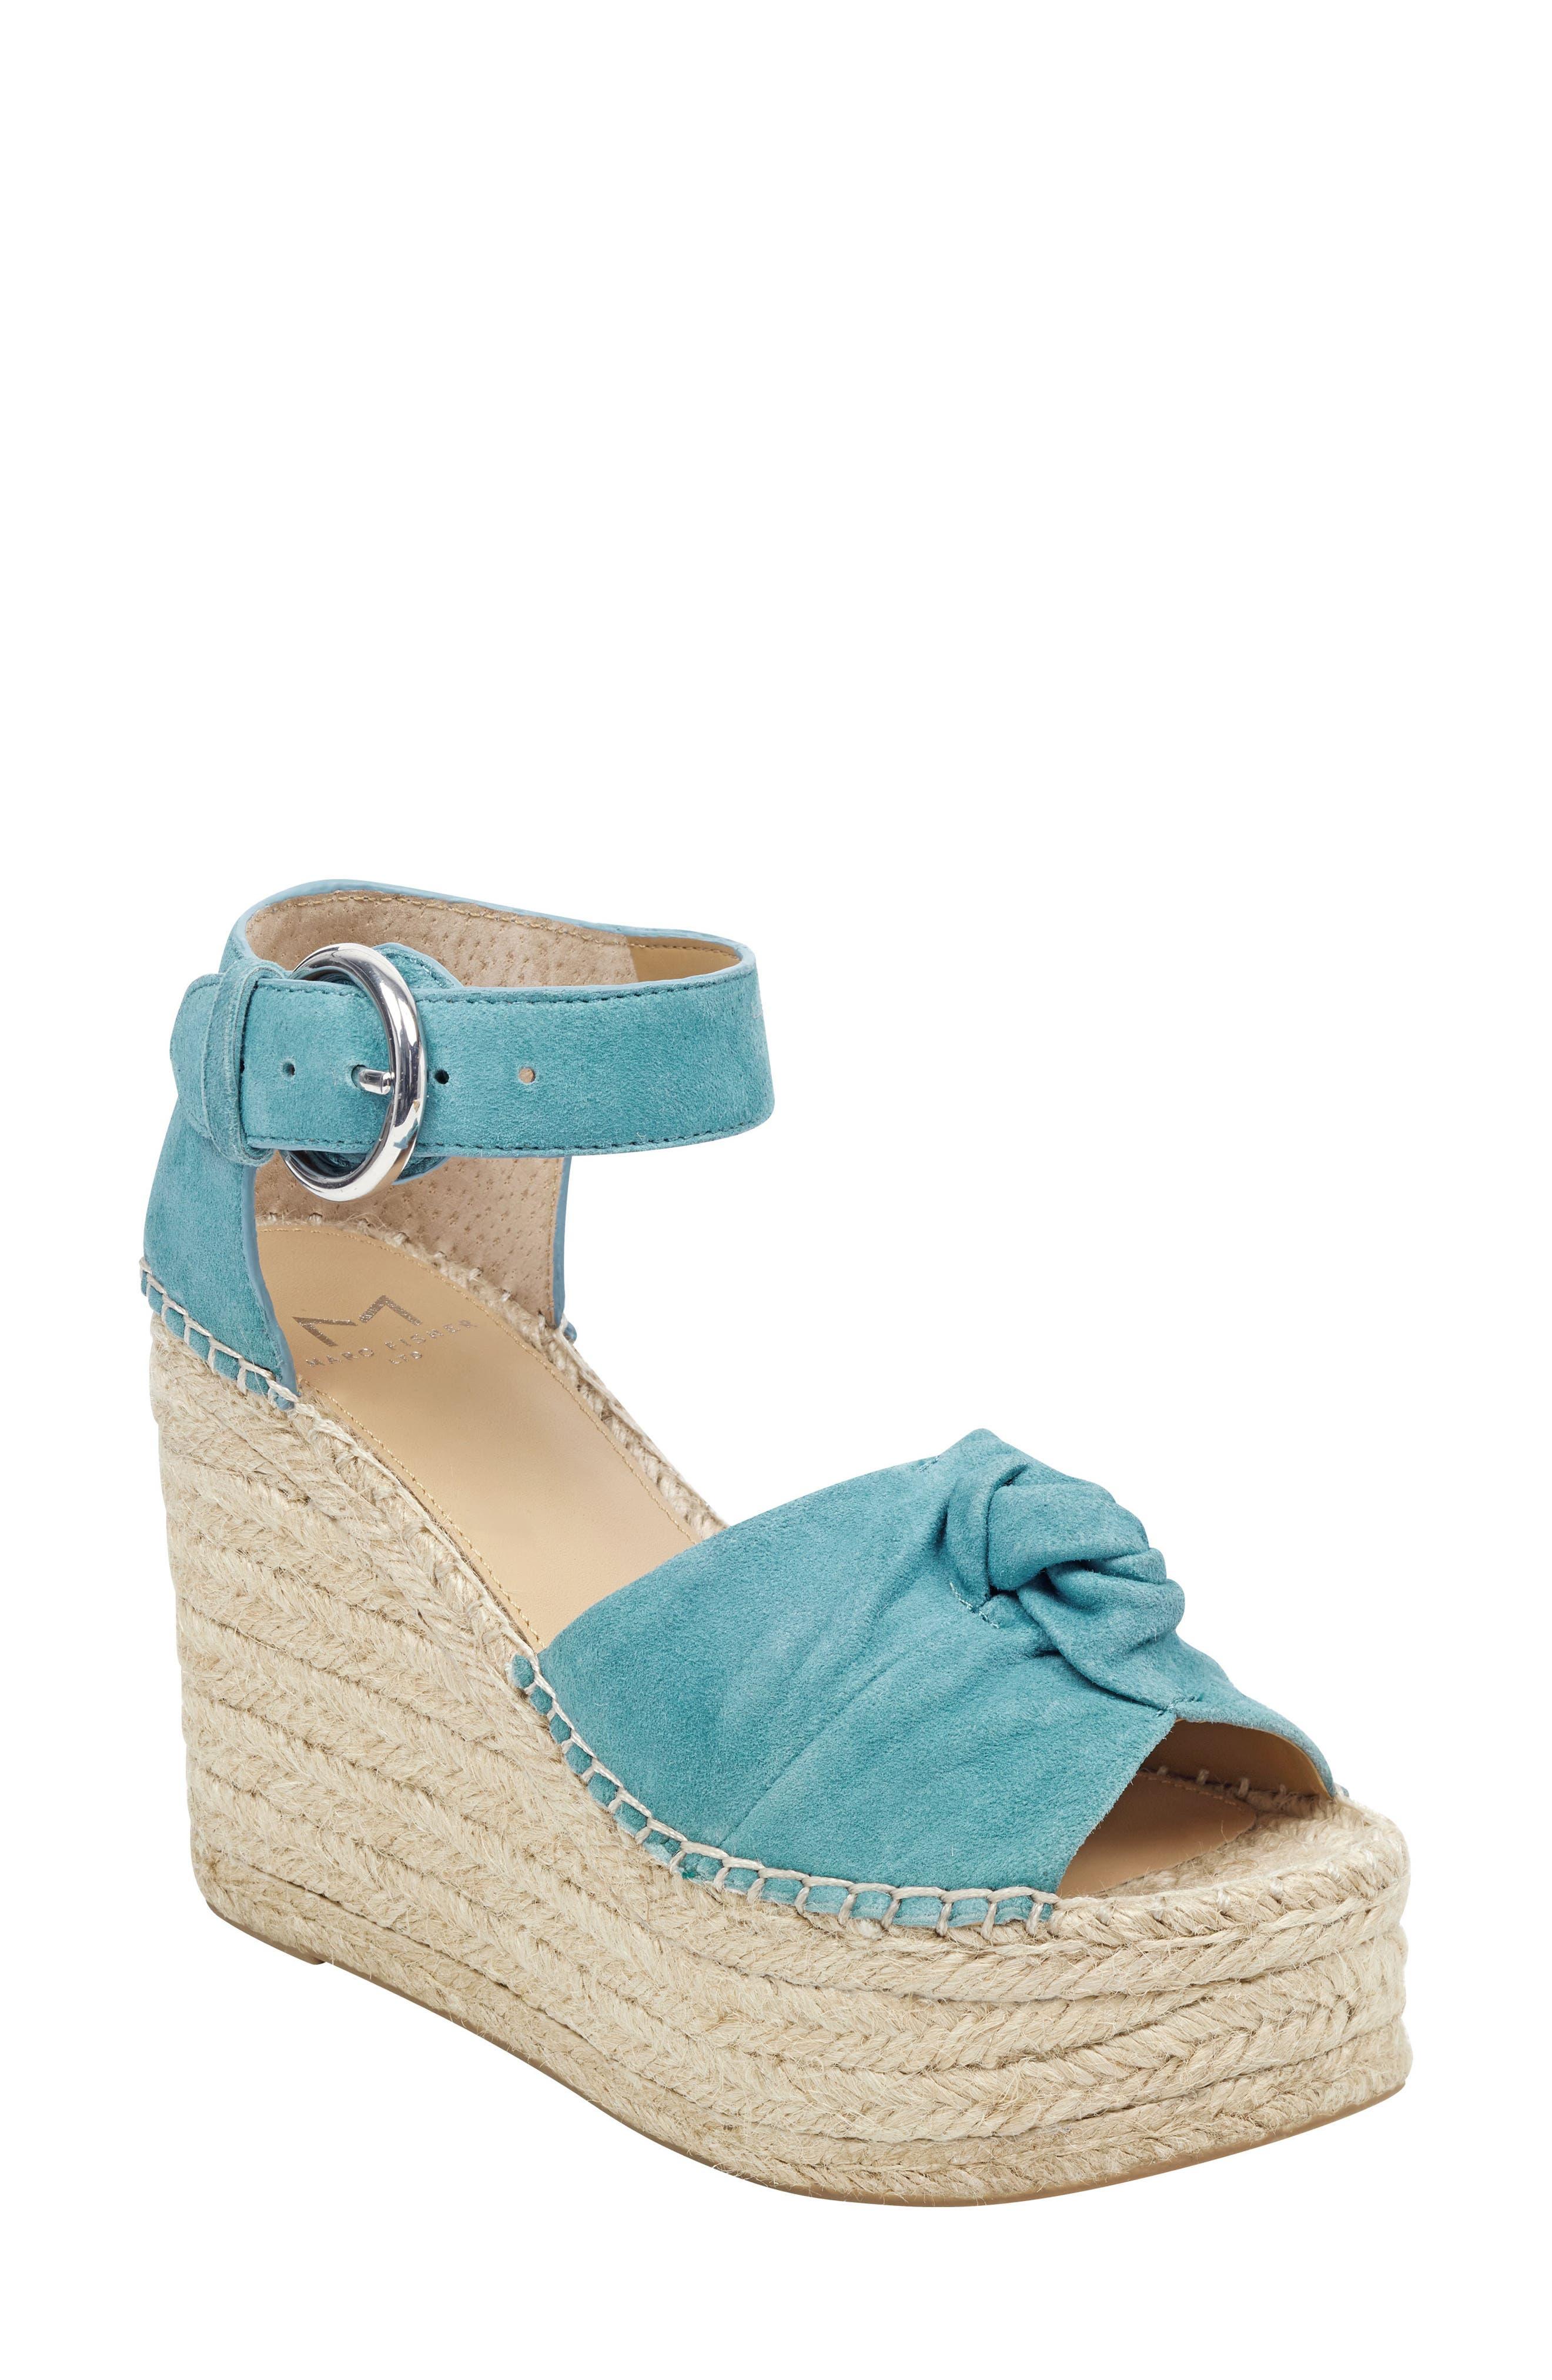 Marc Fisher Ltd Anty Platform Espadrille Sandal- Blue